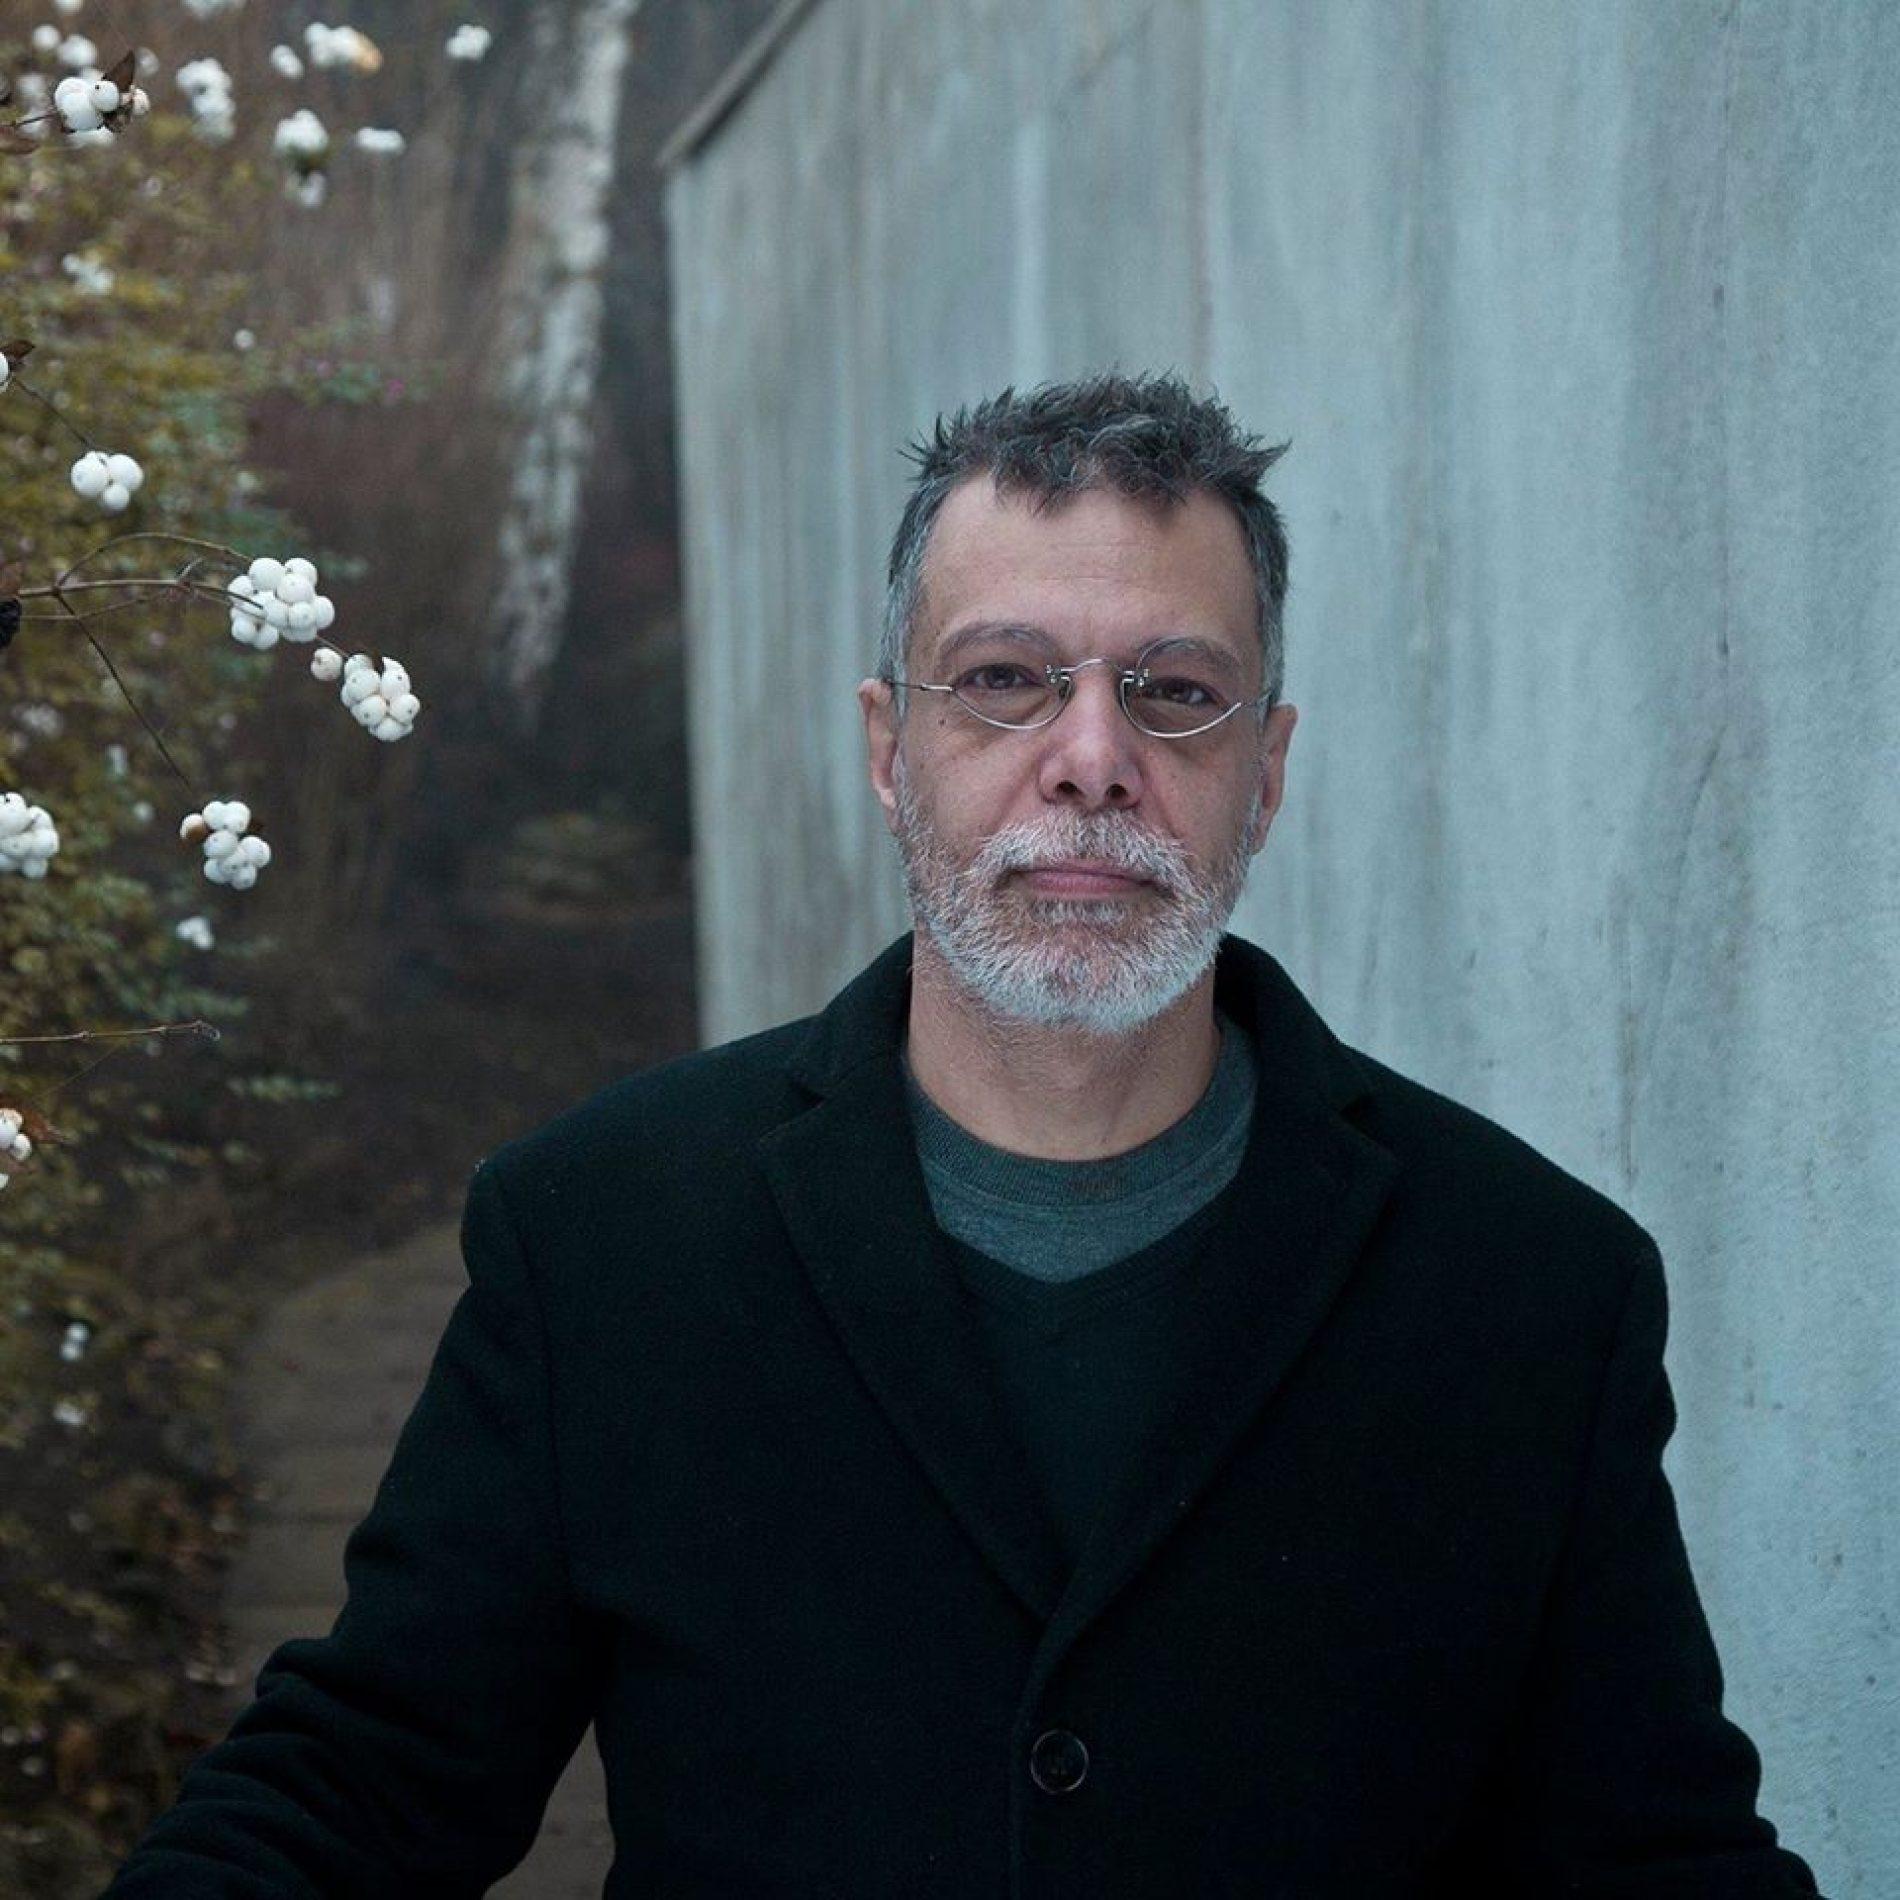 Beogradski pisac: Duša nam je grešna..  Najmanje što možemo da učinimo je da ne dozvolimo da mijenjaju ime Sarajevske ulice